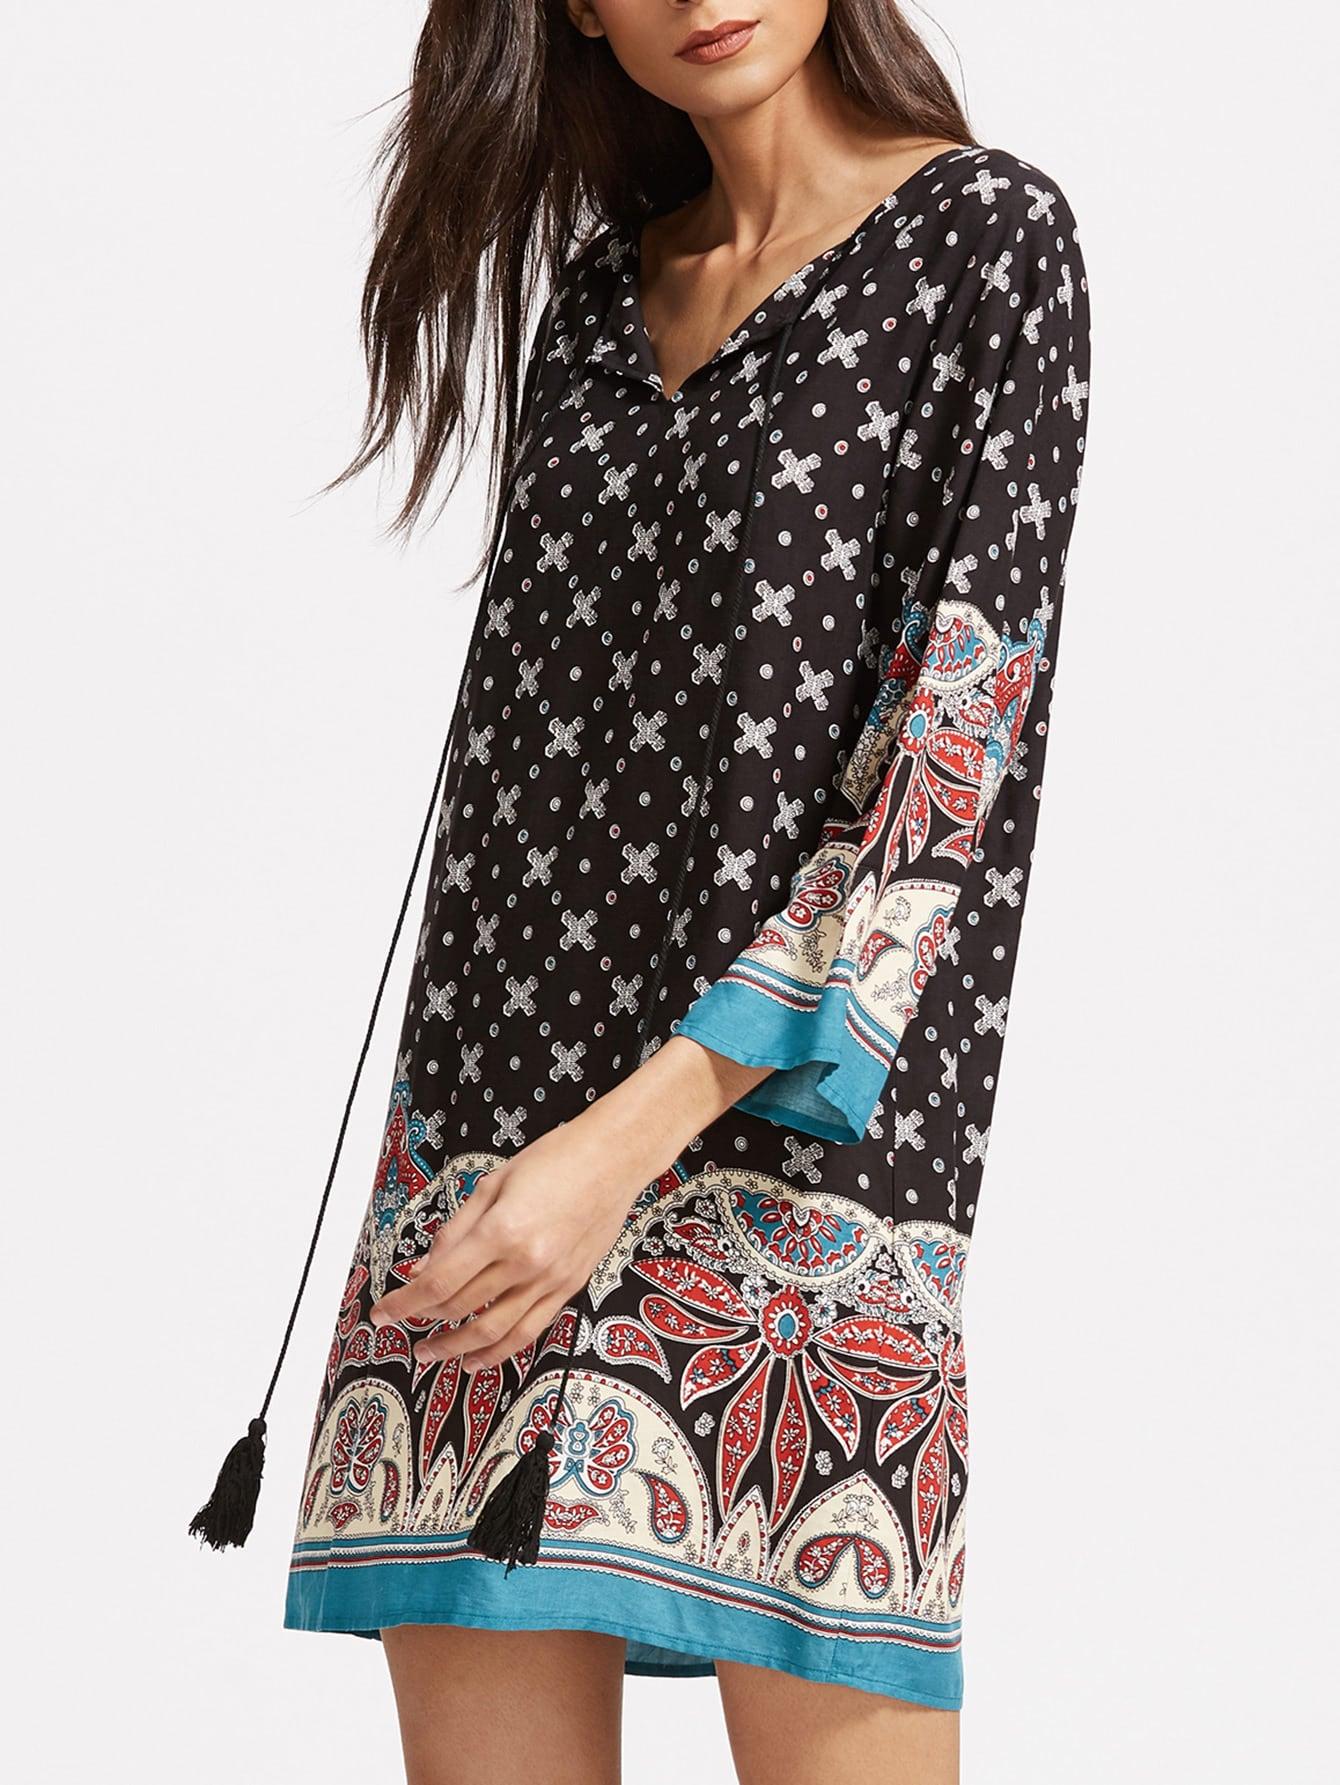 Фото Ornate Print Tassel Tie Neck 3/4 Sleeve Tunic Dress. Купить с доставкой